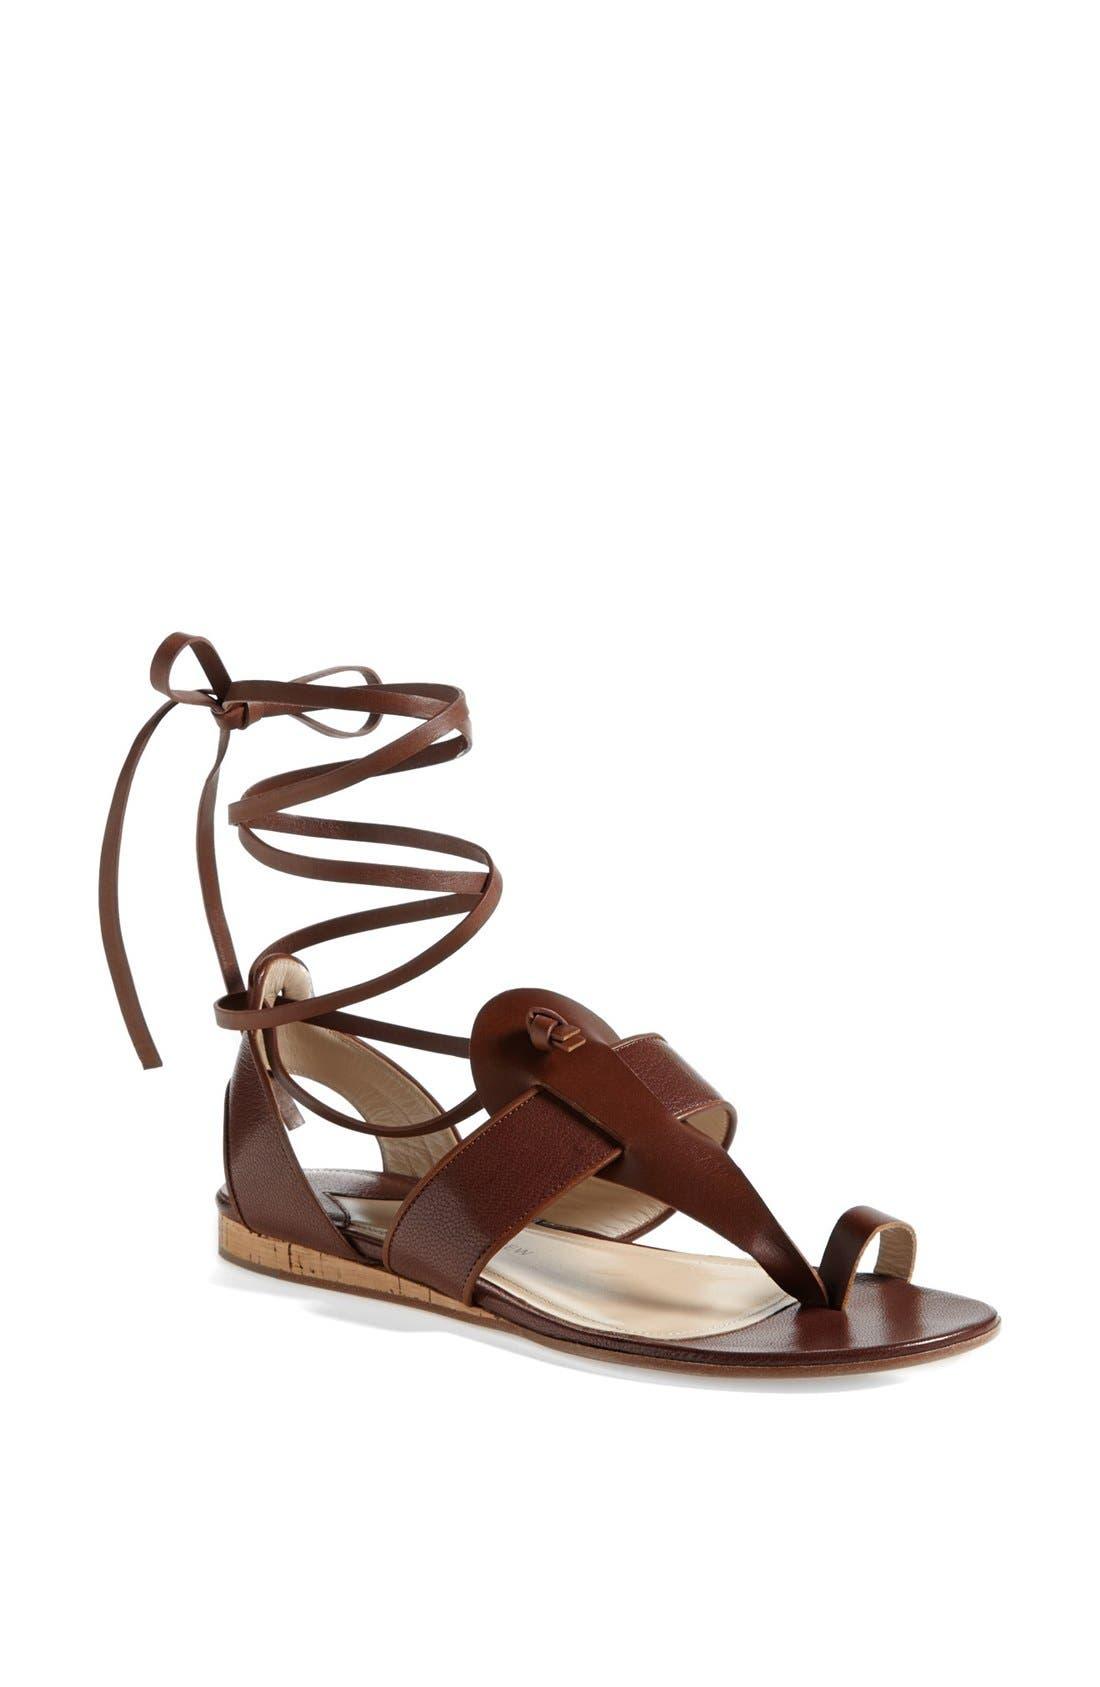 Main Image - Paul Andrew 'Persica' Sandal